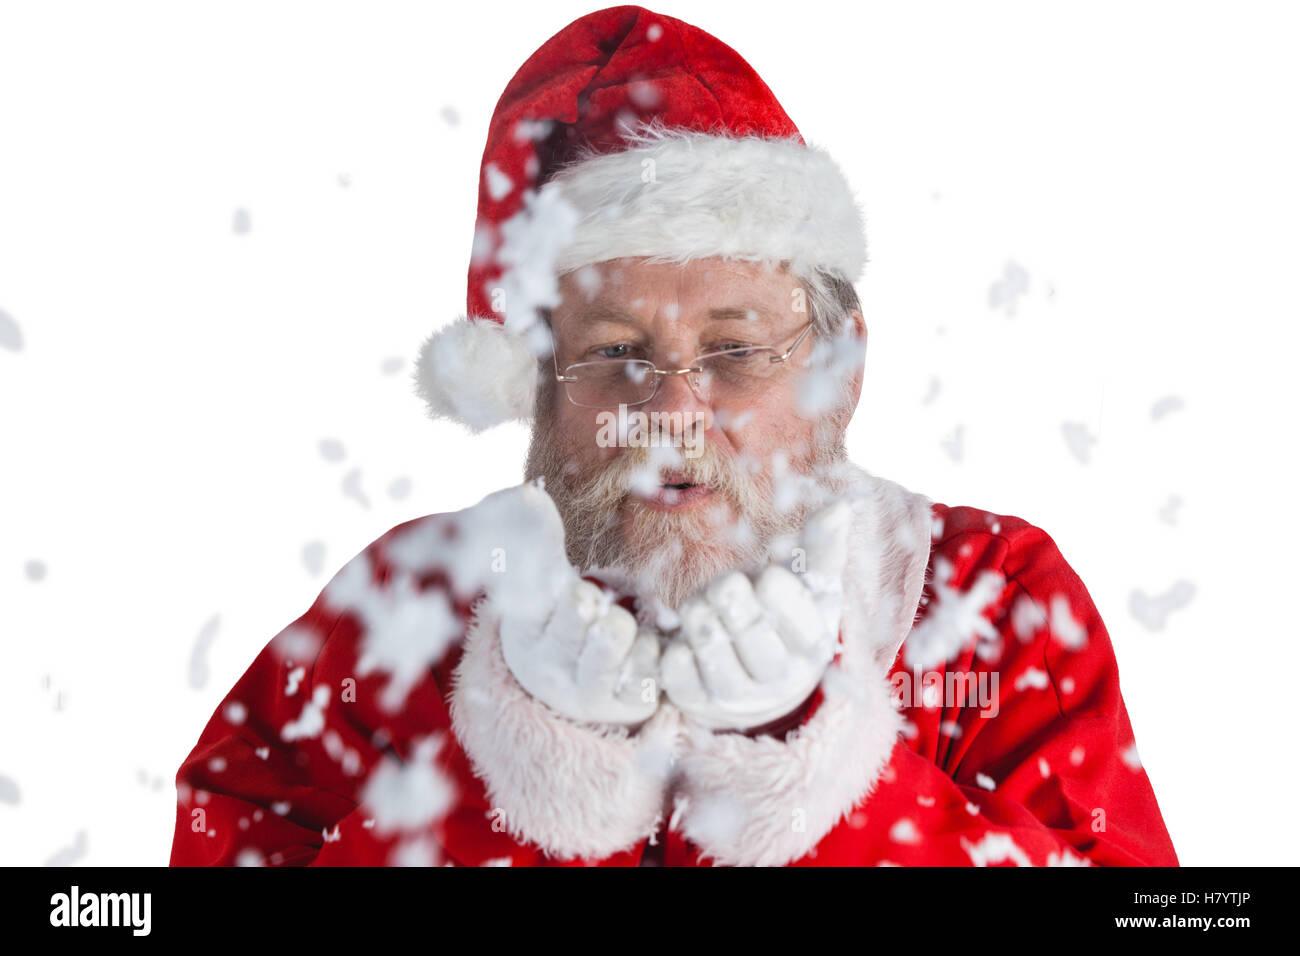 Santa Claus Holding Snow Blowing Imágenes De Stock   Santa Claus ... 505bd88f861